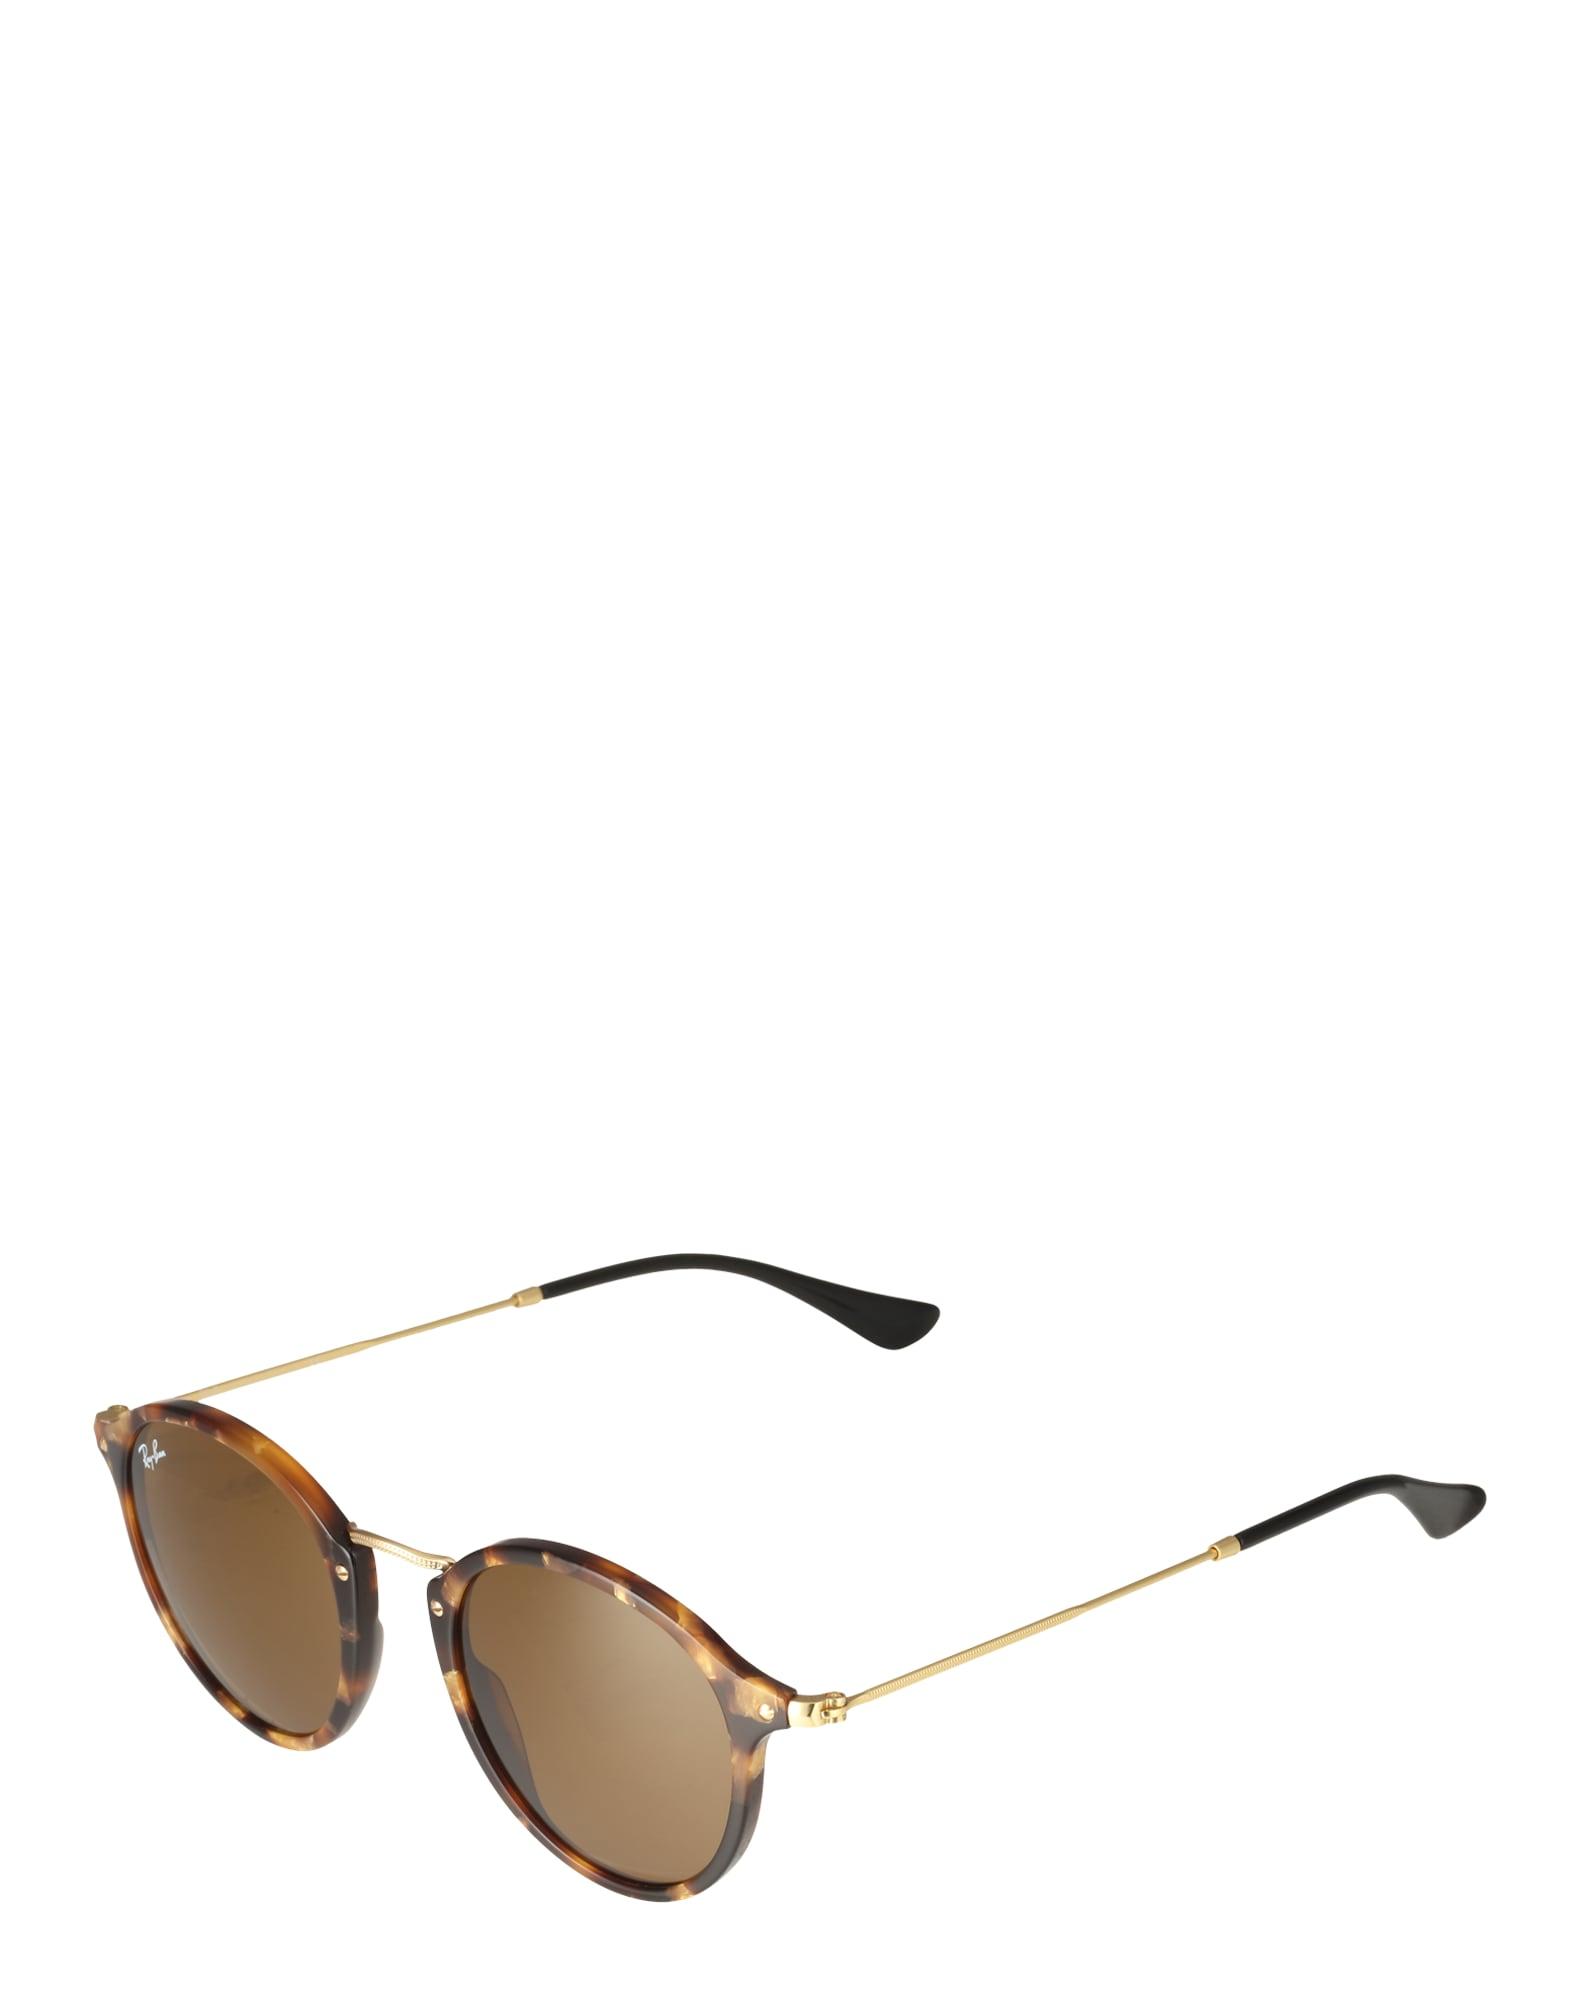 Ray-Ban RB2447 1160 - Round Fleck - zonnebril - Tortoise-Goud / Bruin Klassiek B-15 - 49mm